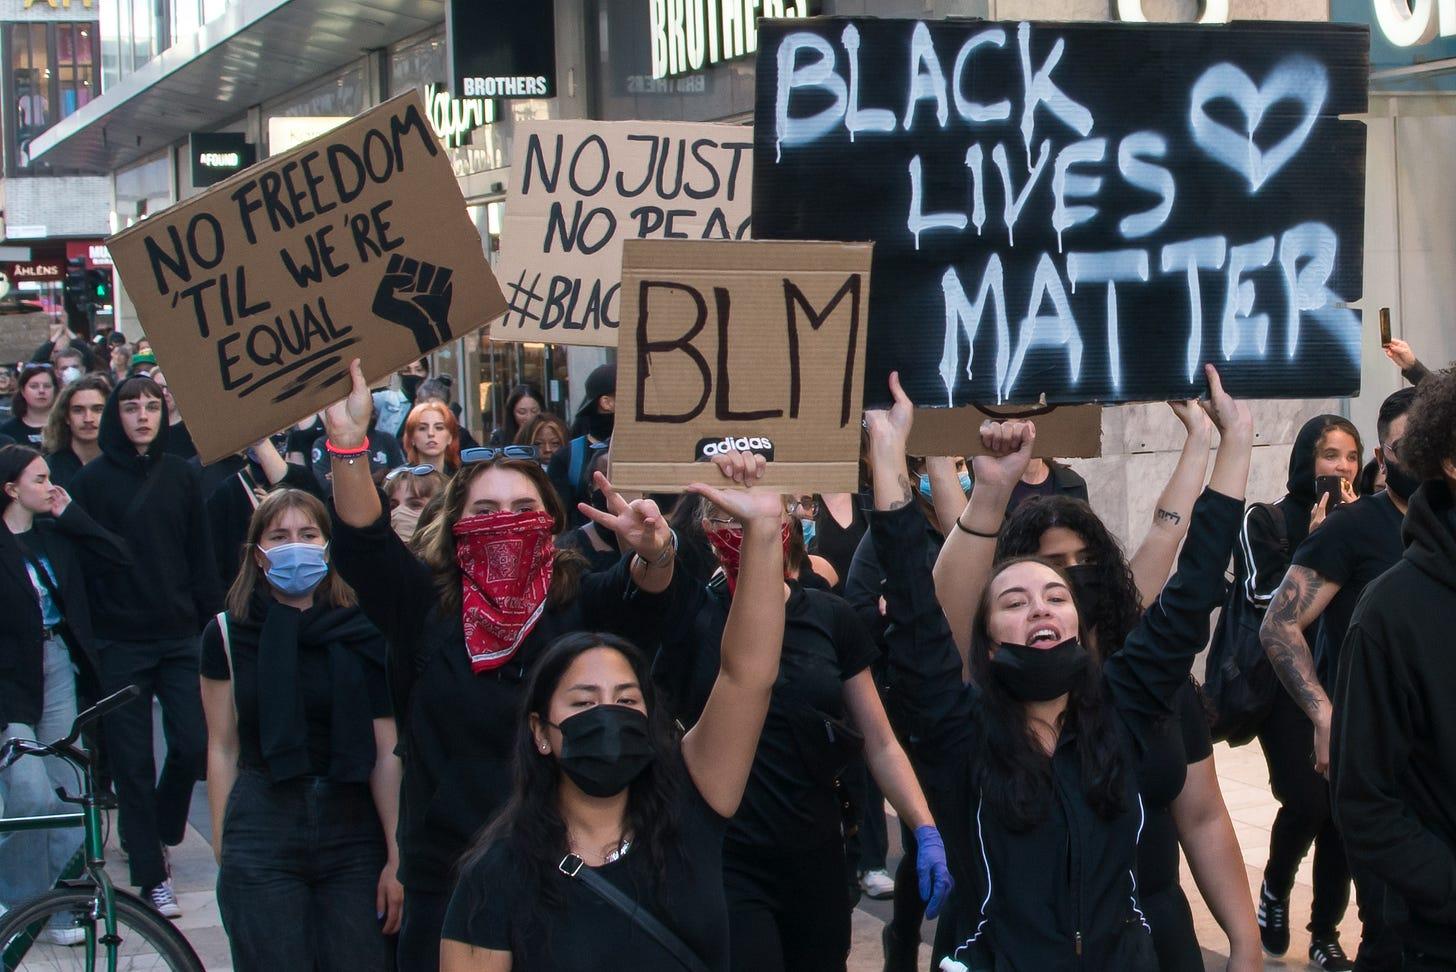 File:Black Lives Matter in Stockholm 2020.jpg - Wikimedia Commons